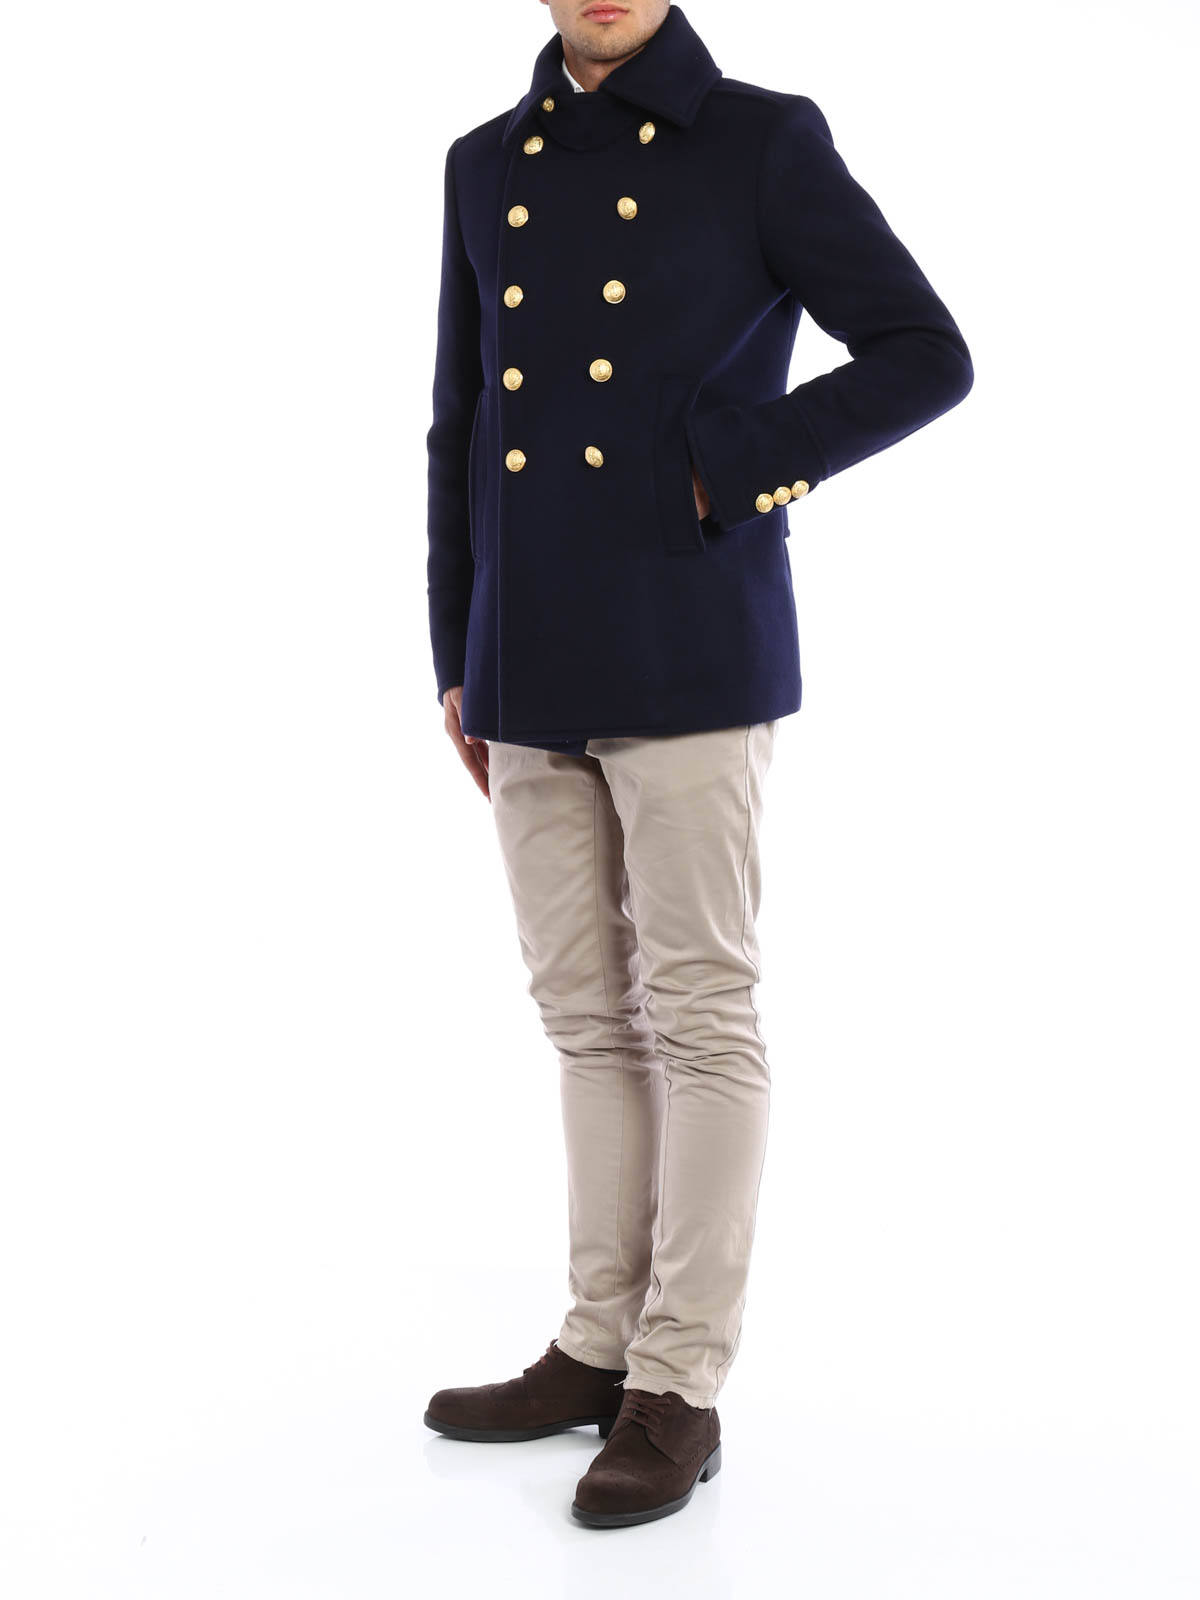 newest 6c15f 1f2cc Balmain - Cappotto doppio petto con bottoni - cappotti corti ...